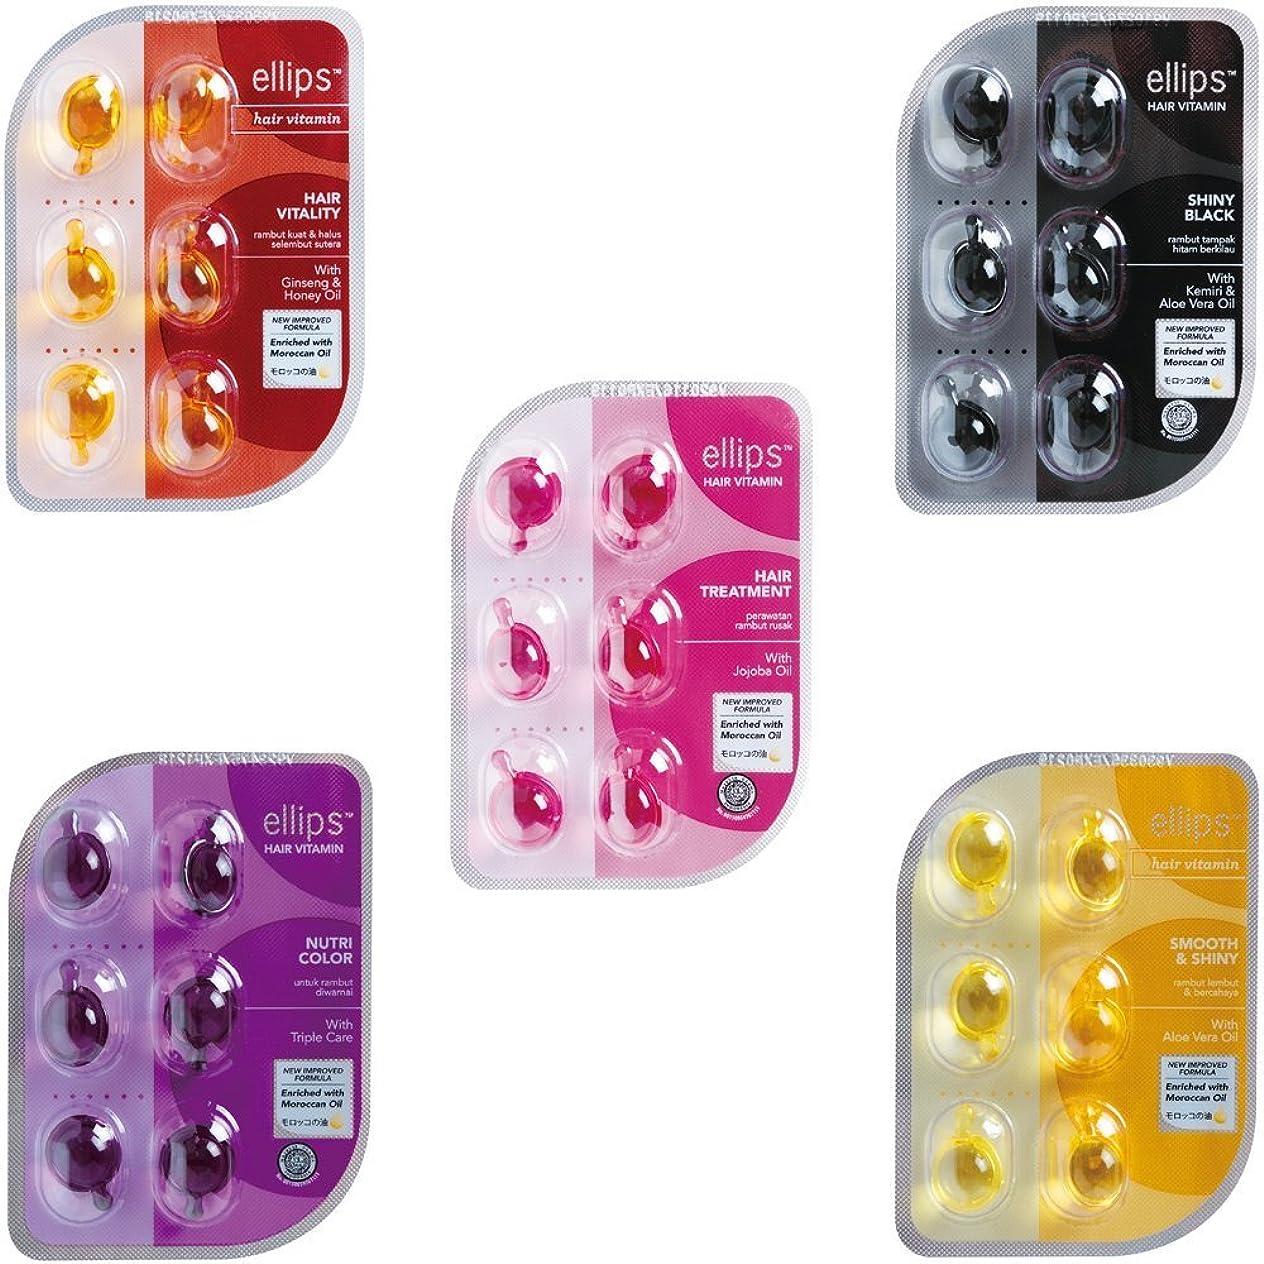 失態シャベルアソシエイト[5個セット] [ym] エリップス Ellips ヘアビタミン 6粒入り お試し 5種セット シートタイプ 洗い流さない トリートメント (5カラー)